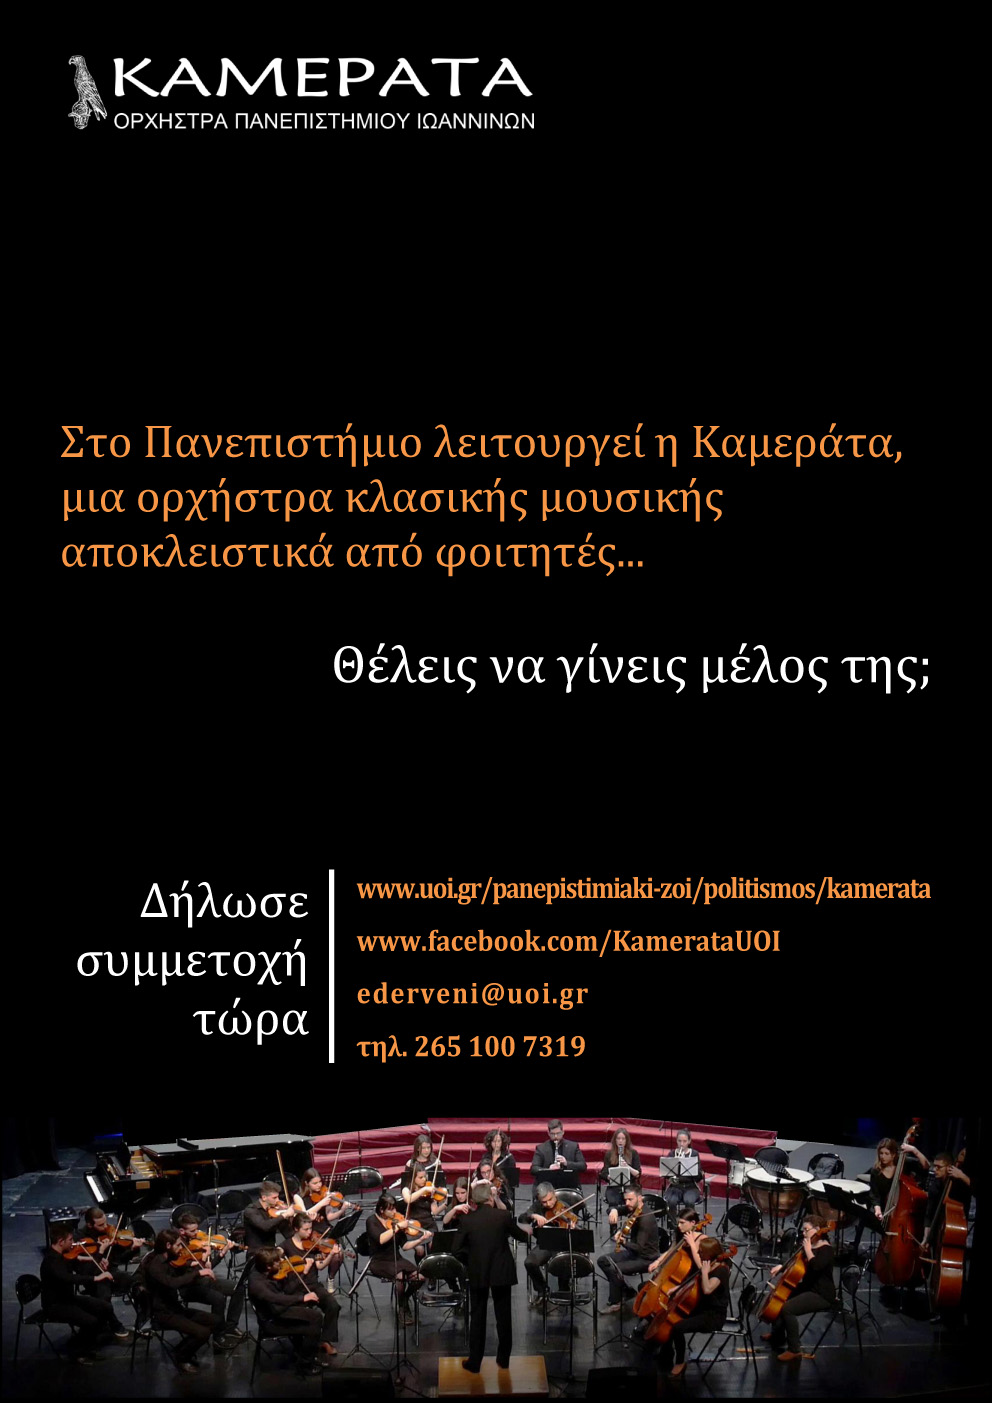 Αφίσα Καμεράτα 2020-21